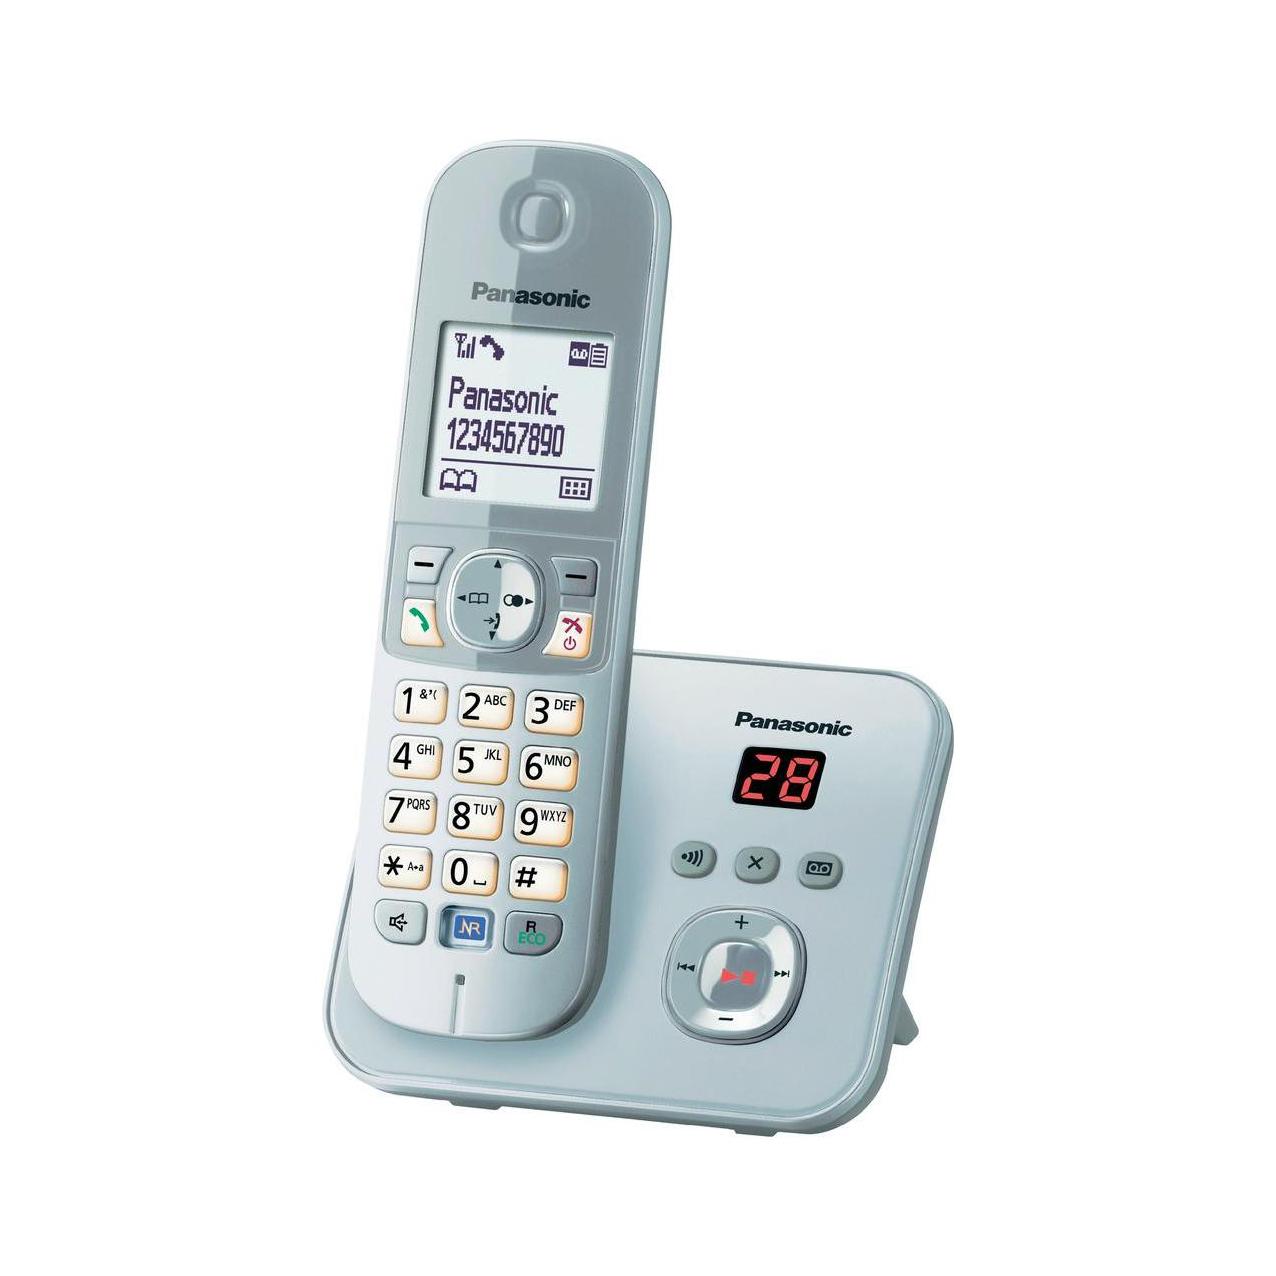 گوشی تلفن بیسیم پاناسونیک مدل KX-TG6821 سفید